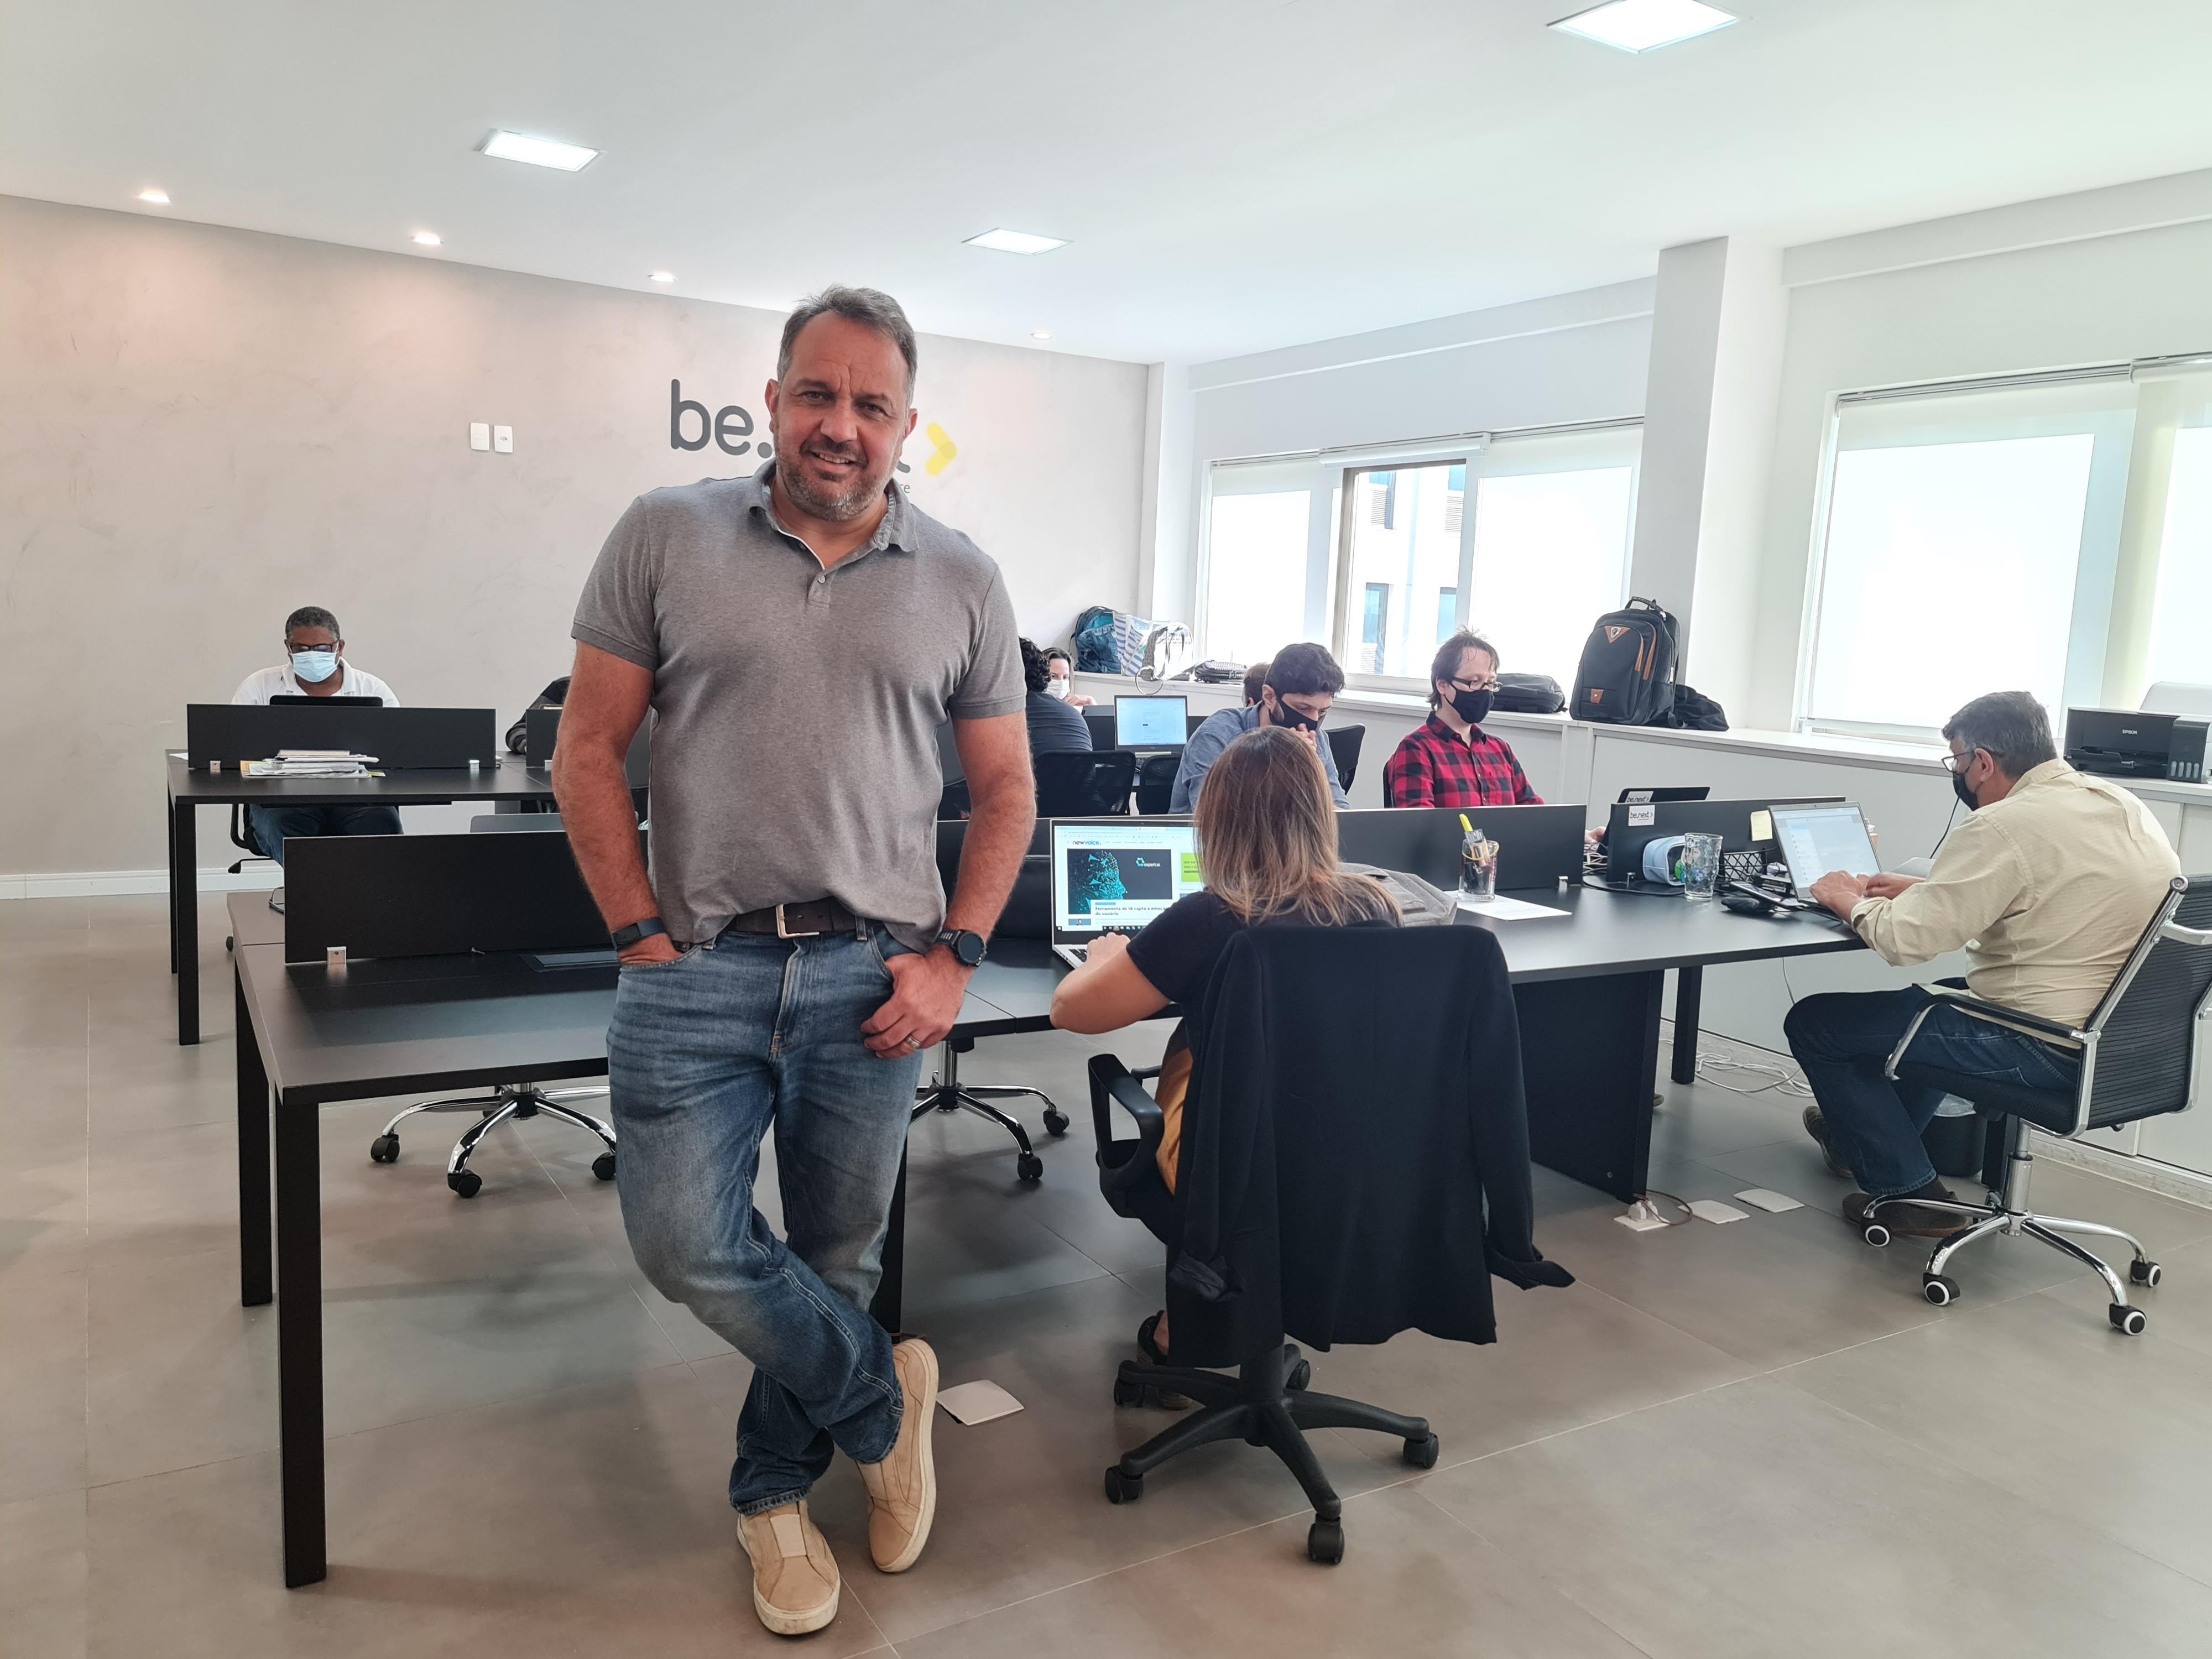 O CEO da Benext, Daniel Deivisson, no escritório da empresa no Rio